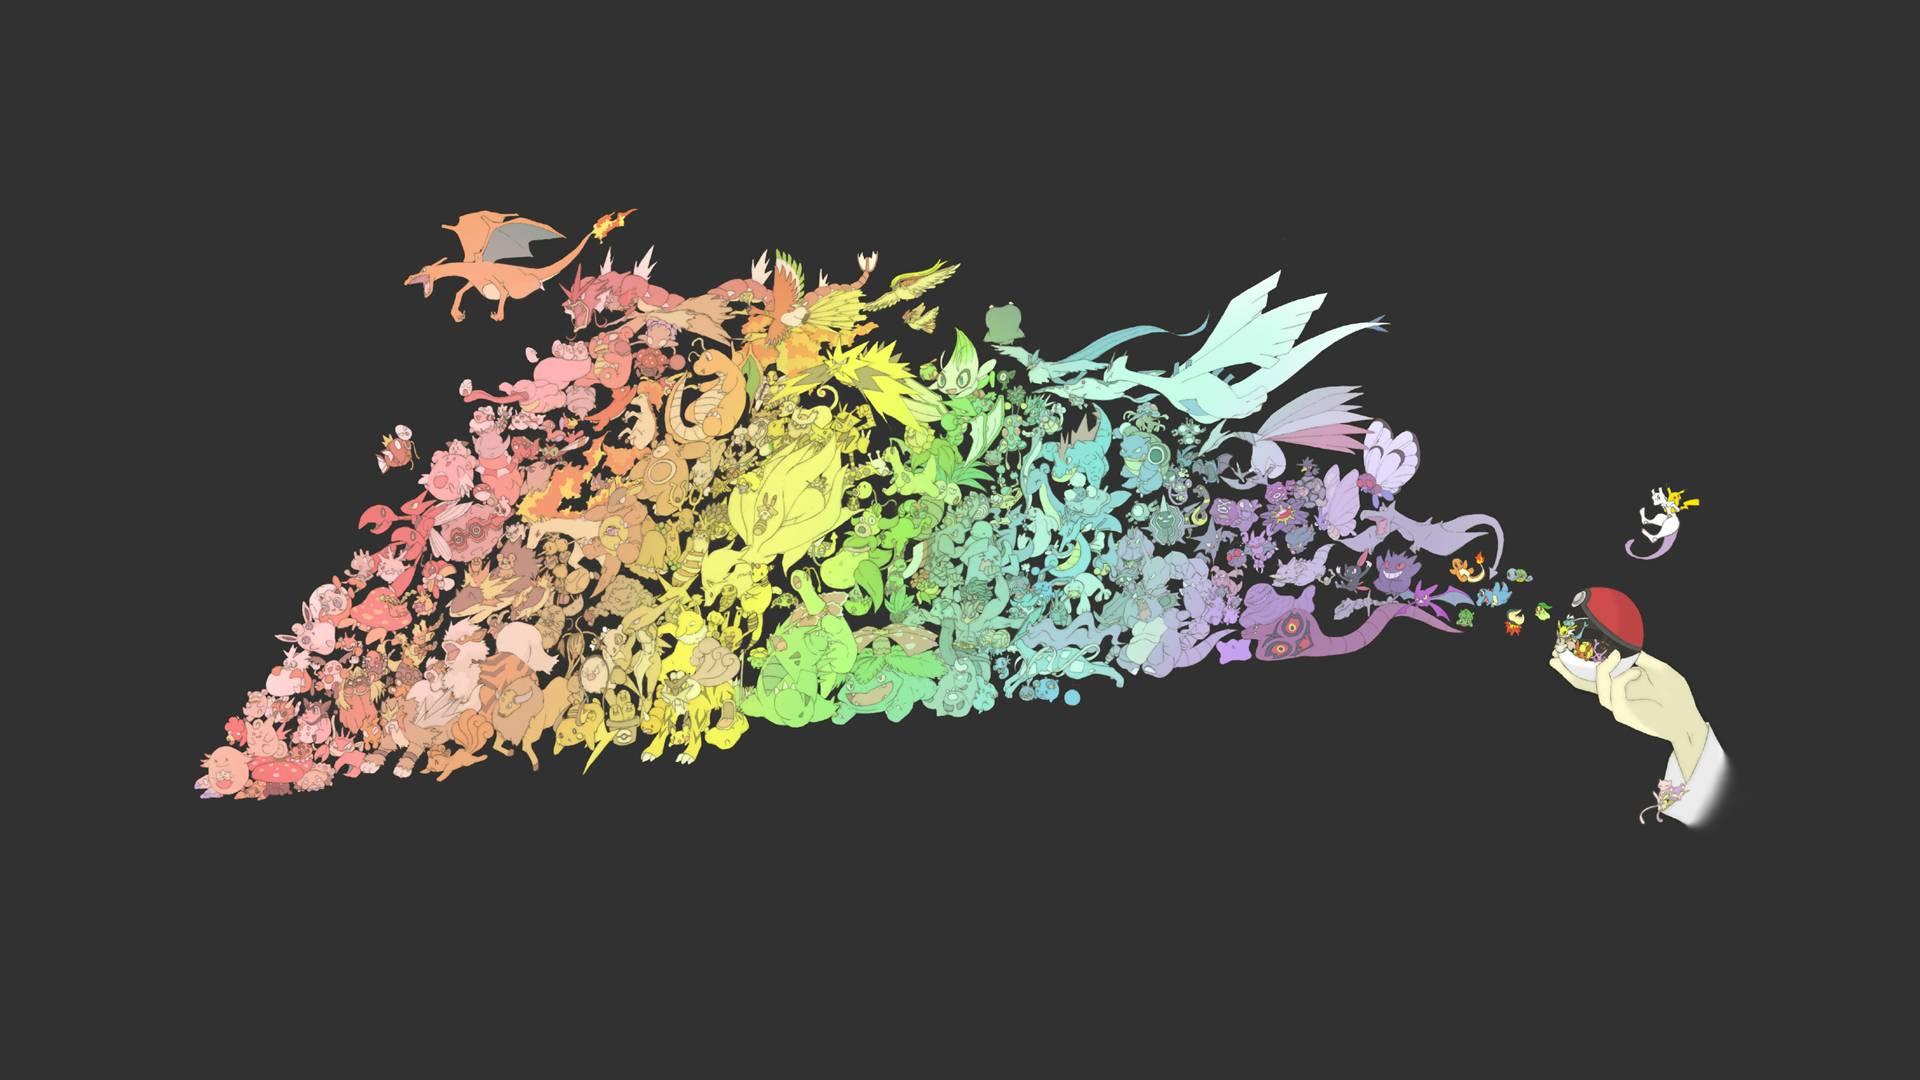 Pokemon wallpaper 49